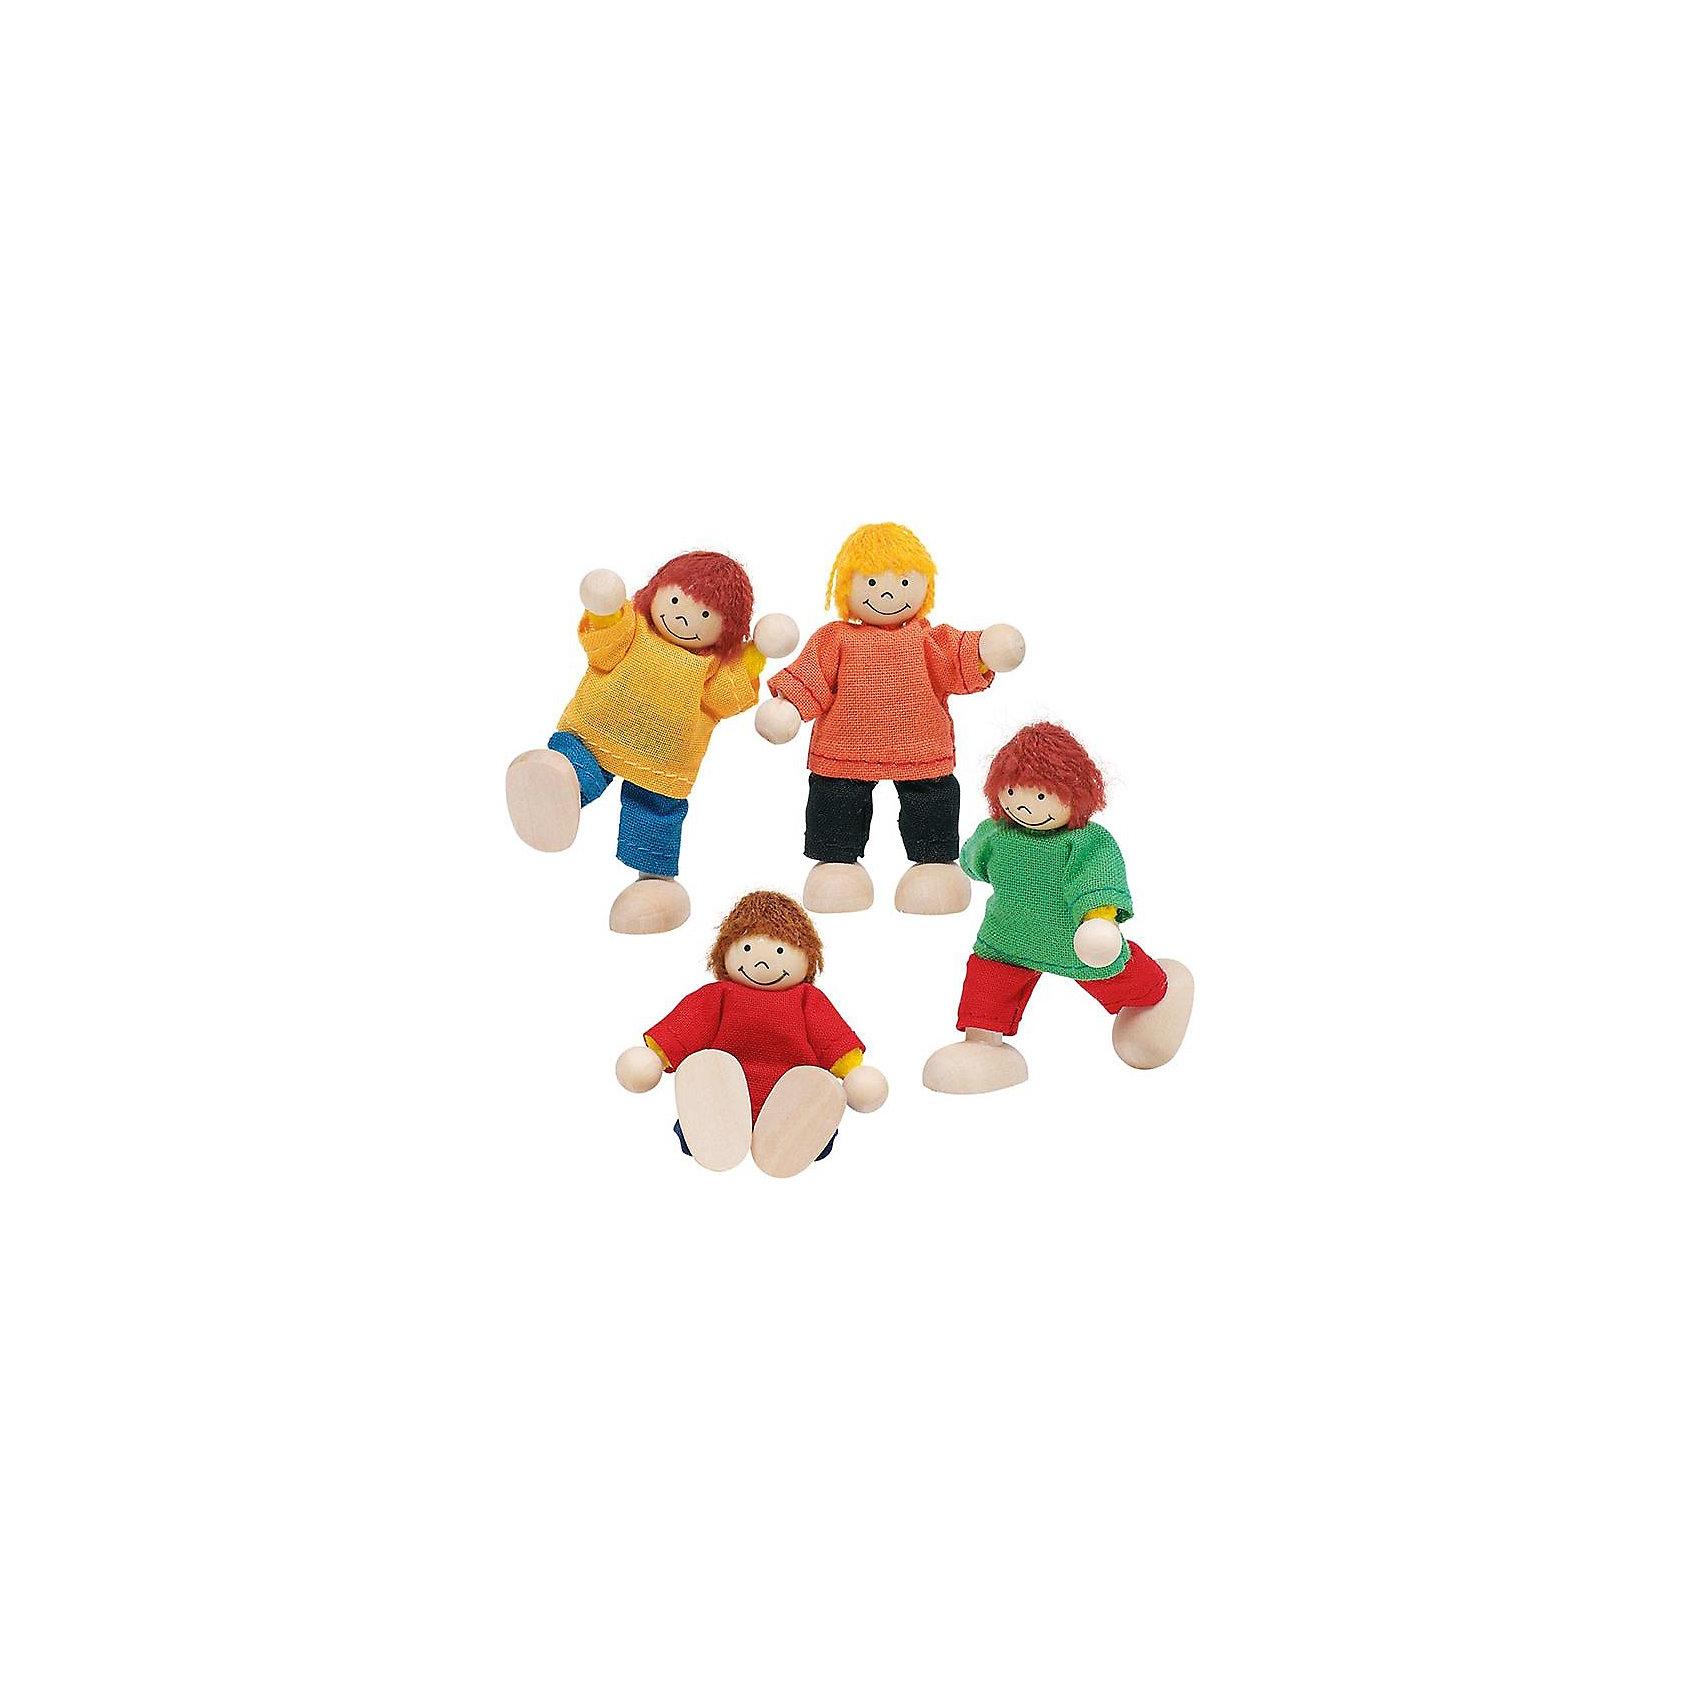 Куклы Ребятки, 4 в 1, gokiМини-куклы<br>Куклы Ребятки, 4 в 1, goki (Гоки).<br><br>Характеристика:<br><br>• Материал: дерево, краски, текстиль.  <br>• Размер кукол: 6 см.<br>• Комплектация: 4 фигурки.<br>• Игрушки и одежда прекрасно проработаны, выглядят реалистично. <br>• Волосы из шерстяных нитей. <br>• Голова, ножки и ручки изготовлена из дерева.<br>• Руки и ноги подвижные.<br>• Куклы могут сидеть и стоять.<br><br>Веселые и озорные куклы Ребятки приглашают малышей поиграть и пошалить вместе с ними! Игрушки выполнены из высококачественных материалов, раскрашены безопасными и нетоксичными красителями на водной основе. В наборе 4 куклы в ярких свитерах. Игрушки и детали одежды отлично проработаны, выглядят очень привлекательно и реалистично. <br><br>Кукол Ребятки, 4 в 1, goki (Гоки), можно купить в нашем интернет-магазине.<br><br>Ширина мм: 600<br>Глубина мм: 190<br>Высота мм: 130<br>Вес г: 370<br>Возраст от месяцев: 36<br>Возраст до месяцев: 72<br>Пол: Женский<br>Возраст: Детский<br>SKU: 2328645